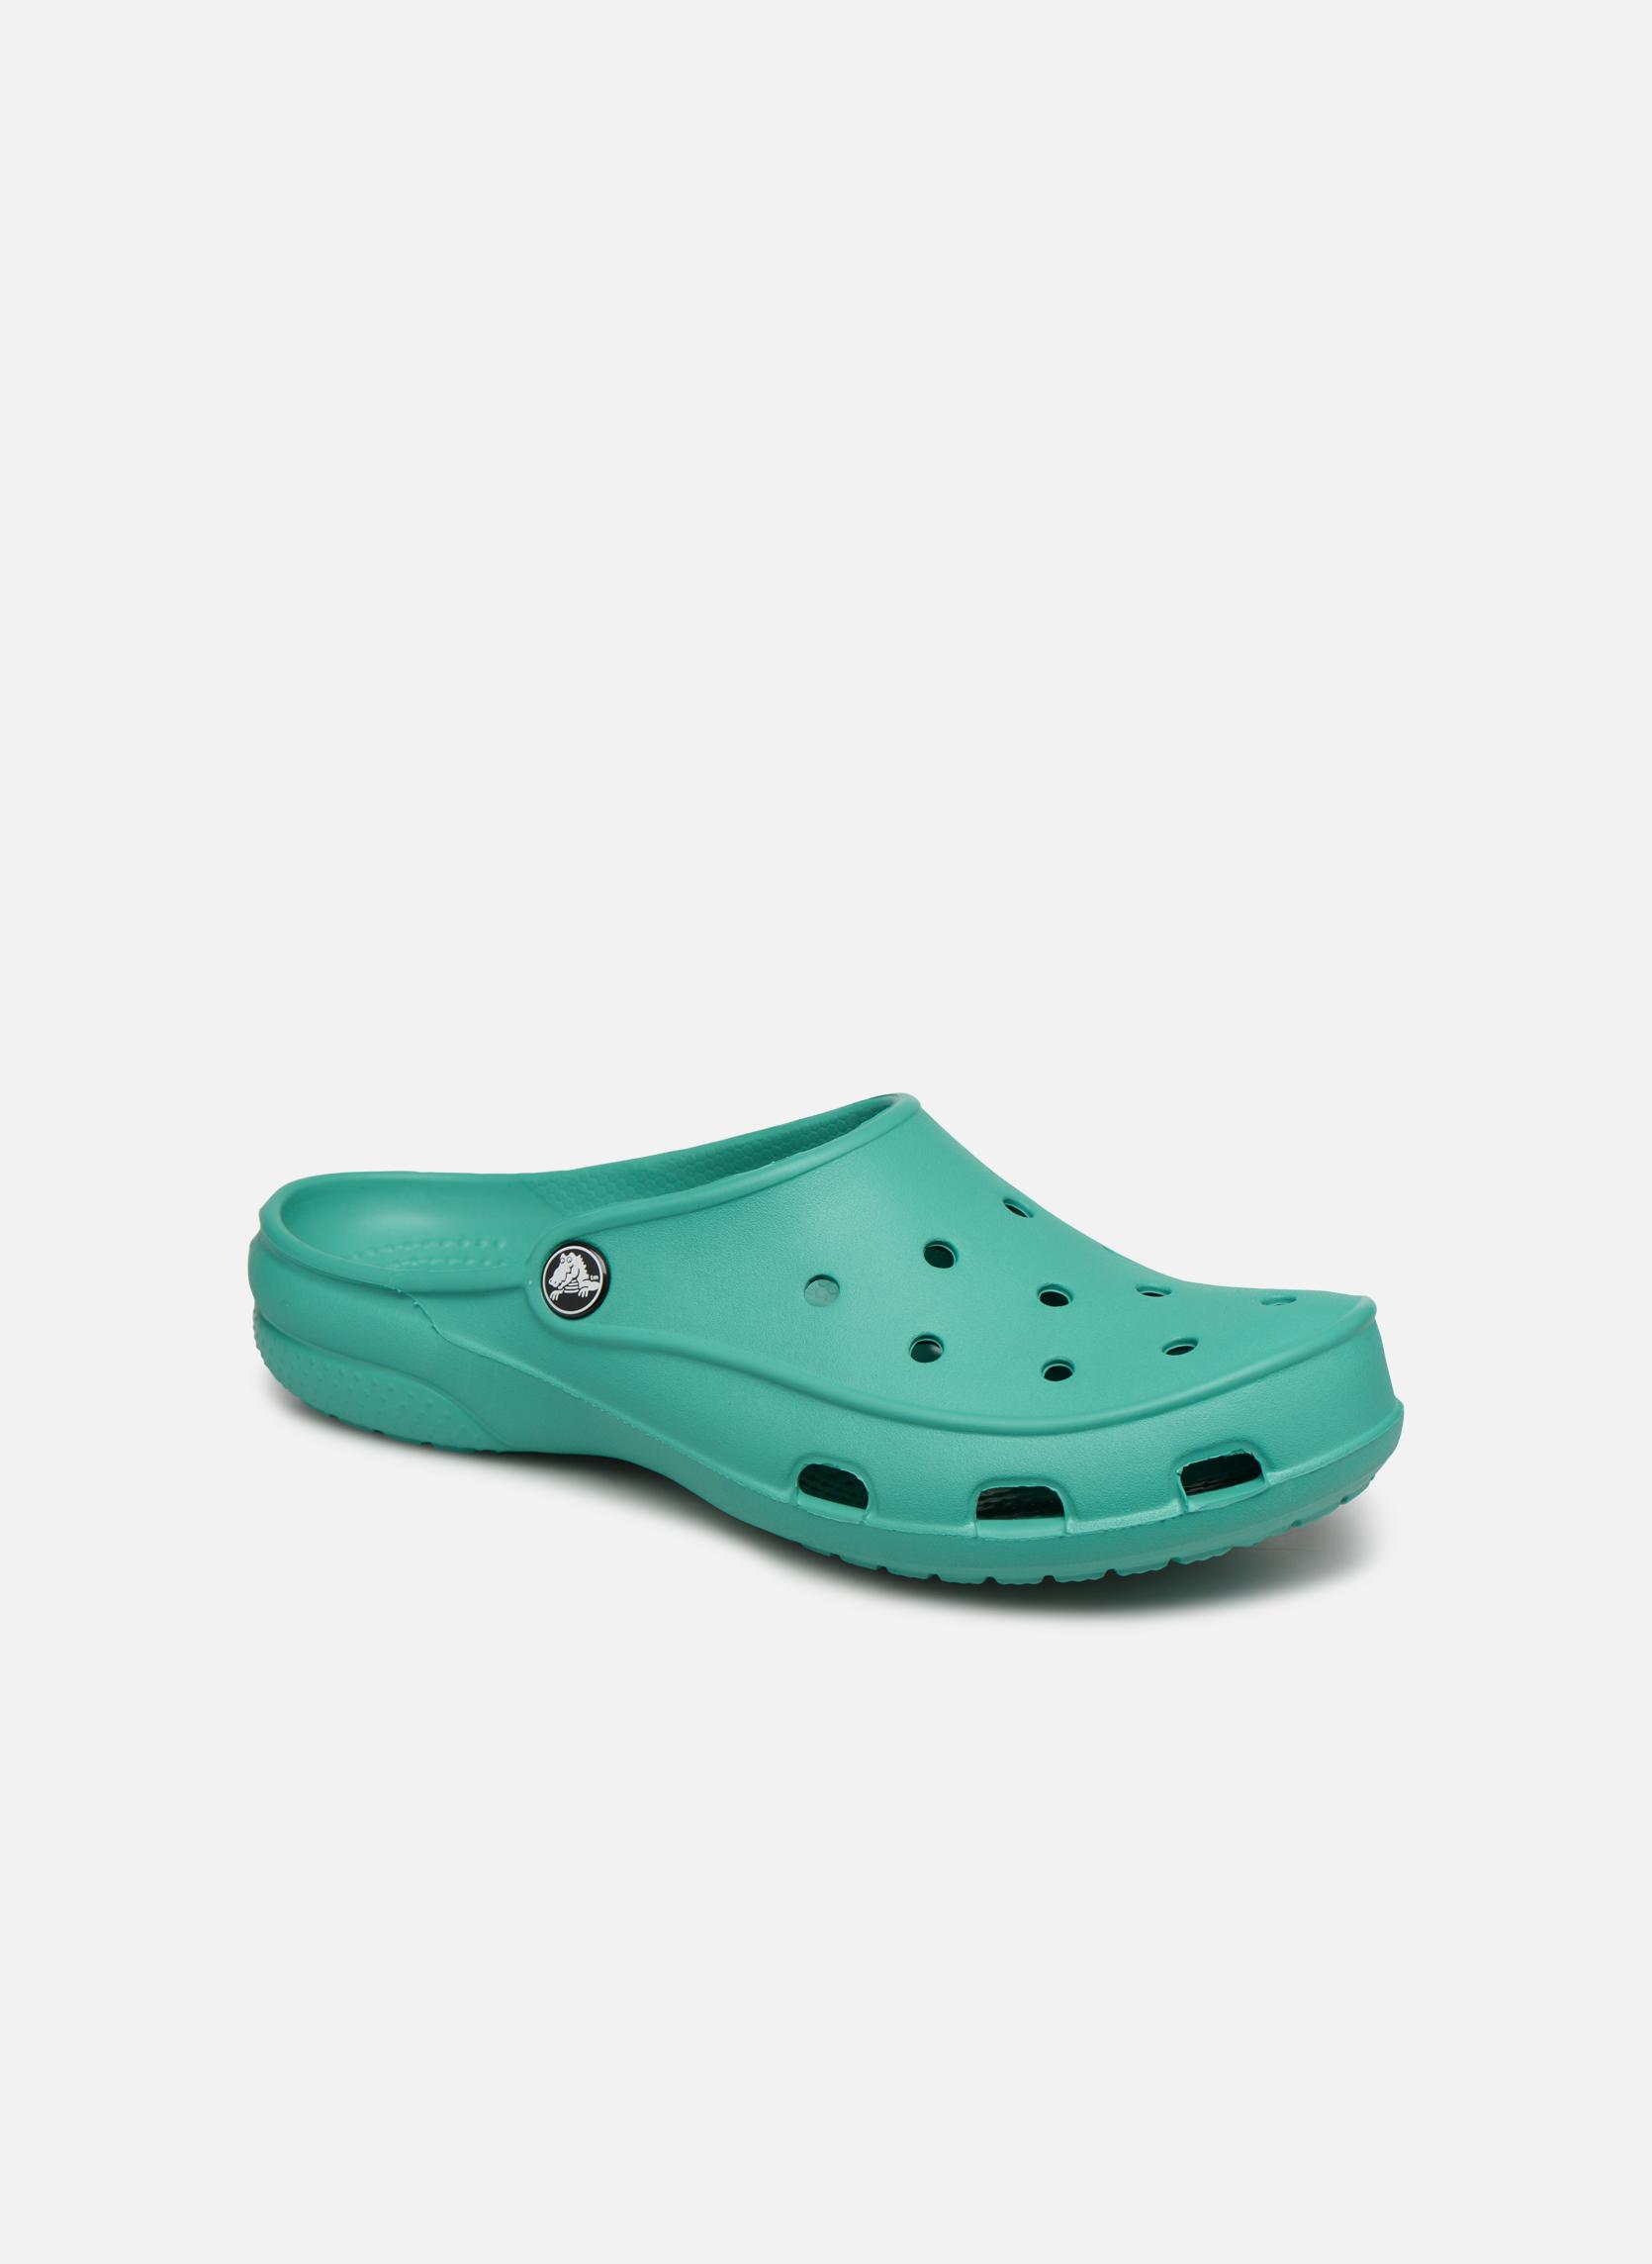 Wedges Crocs Groen